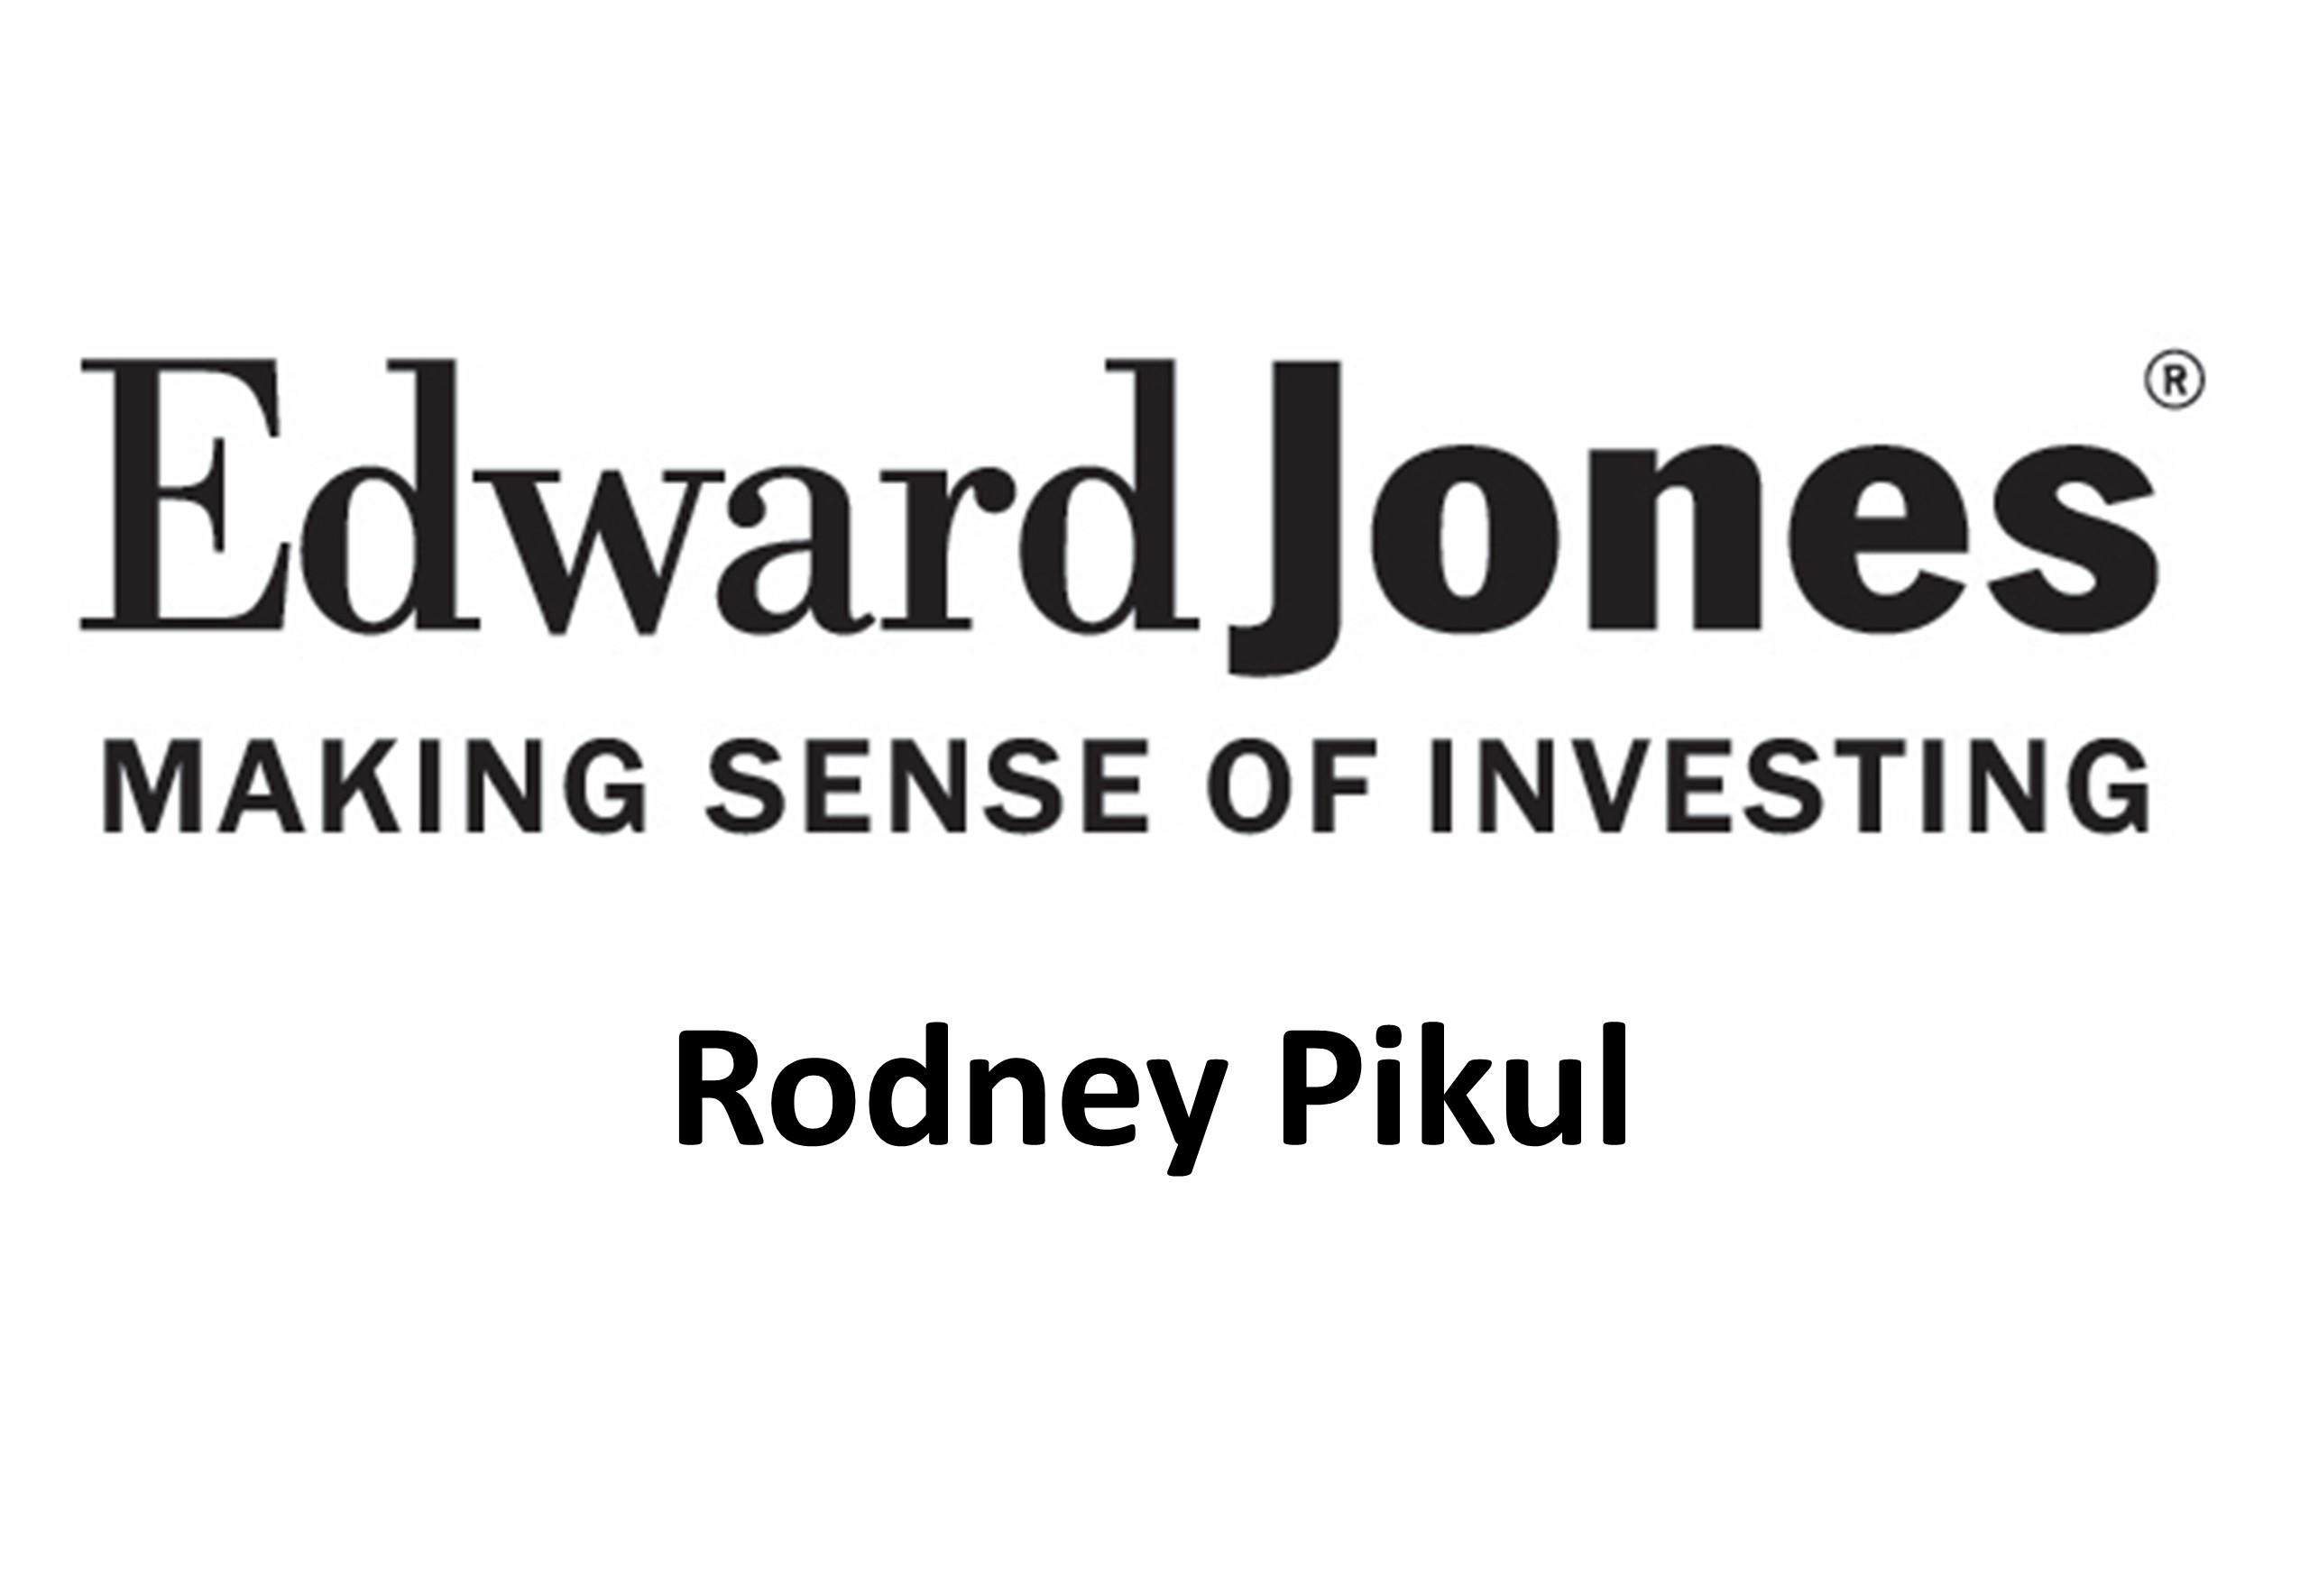 Edward Jones Rodney Pikul